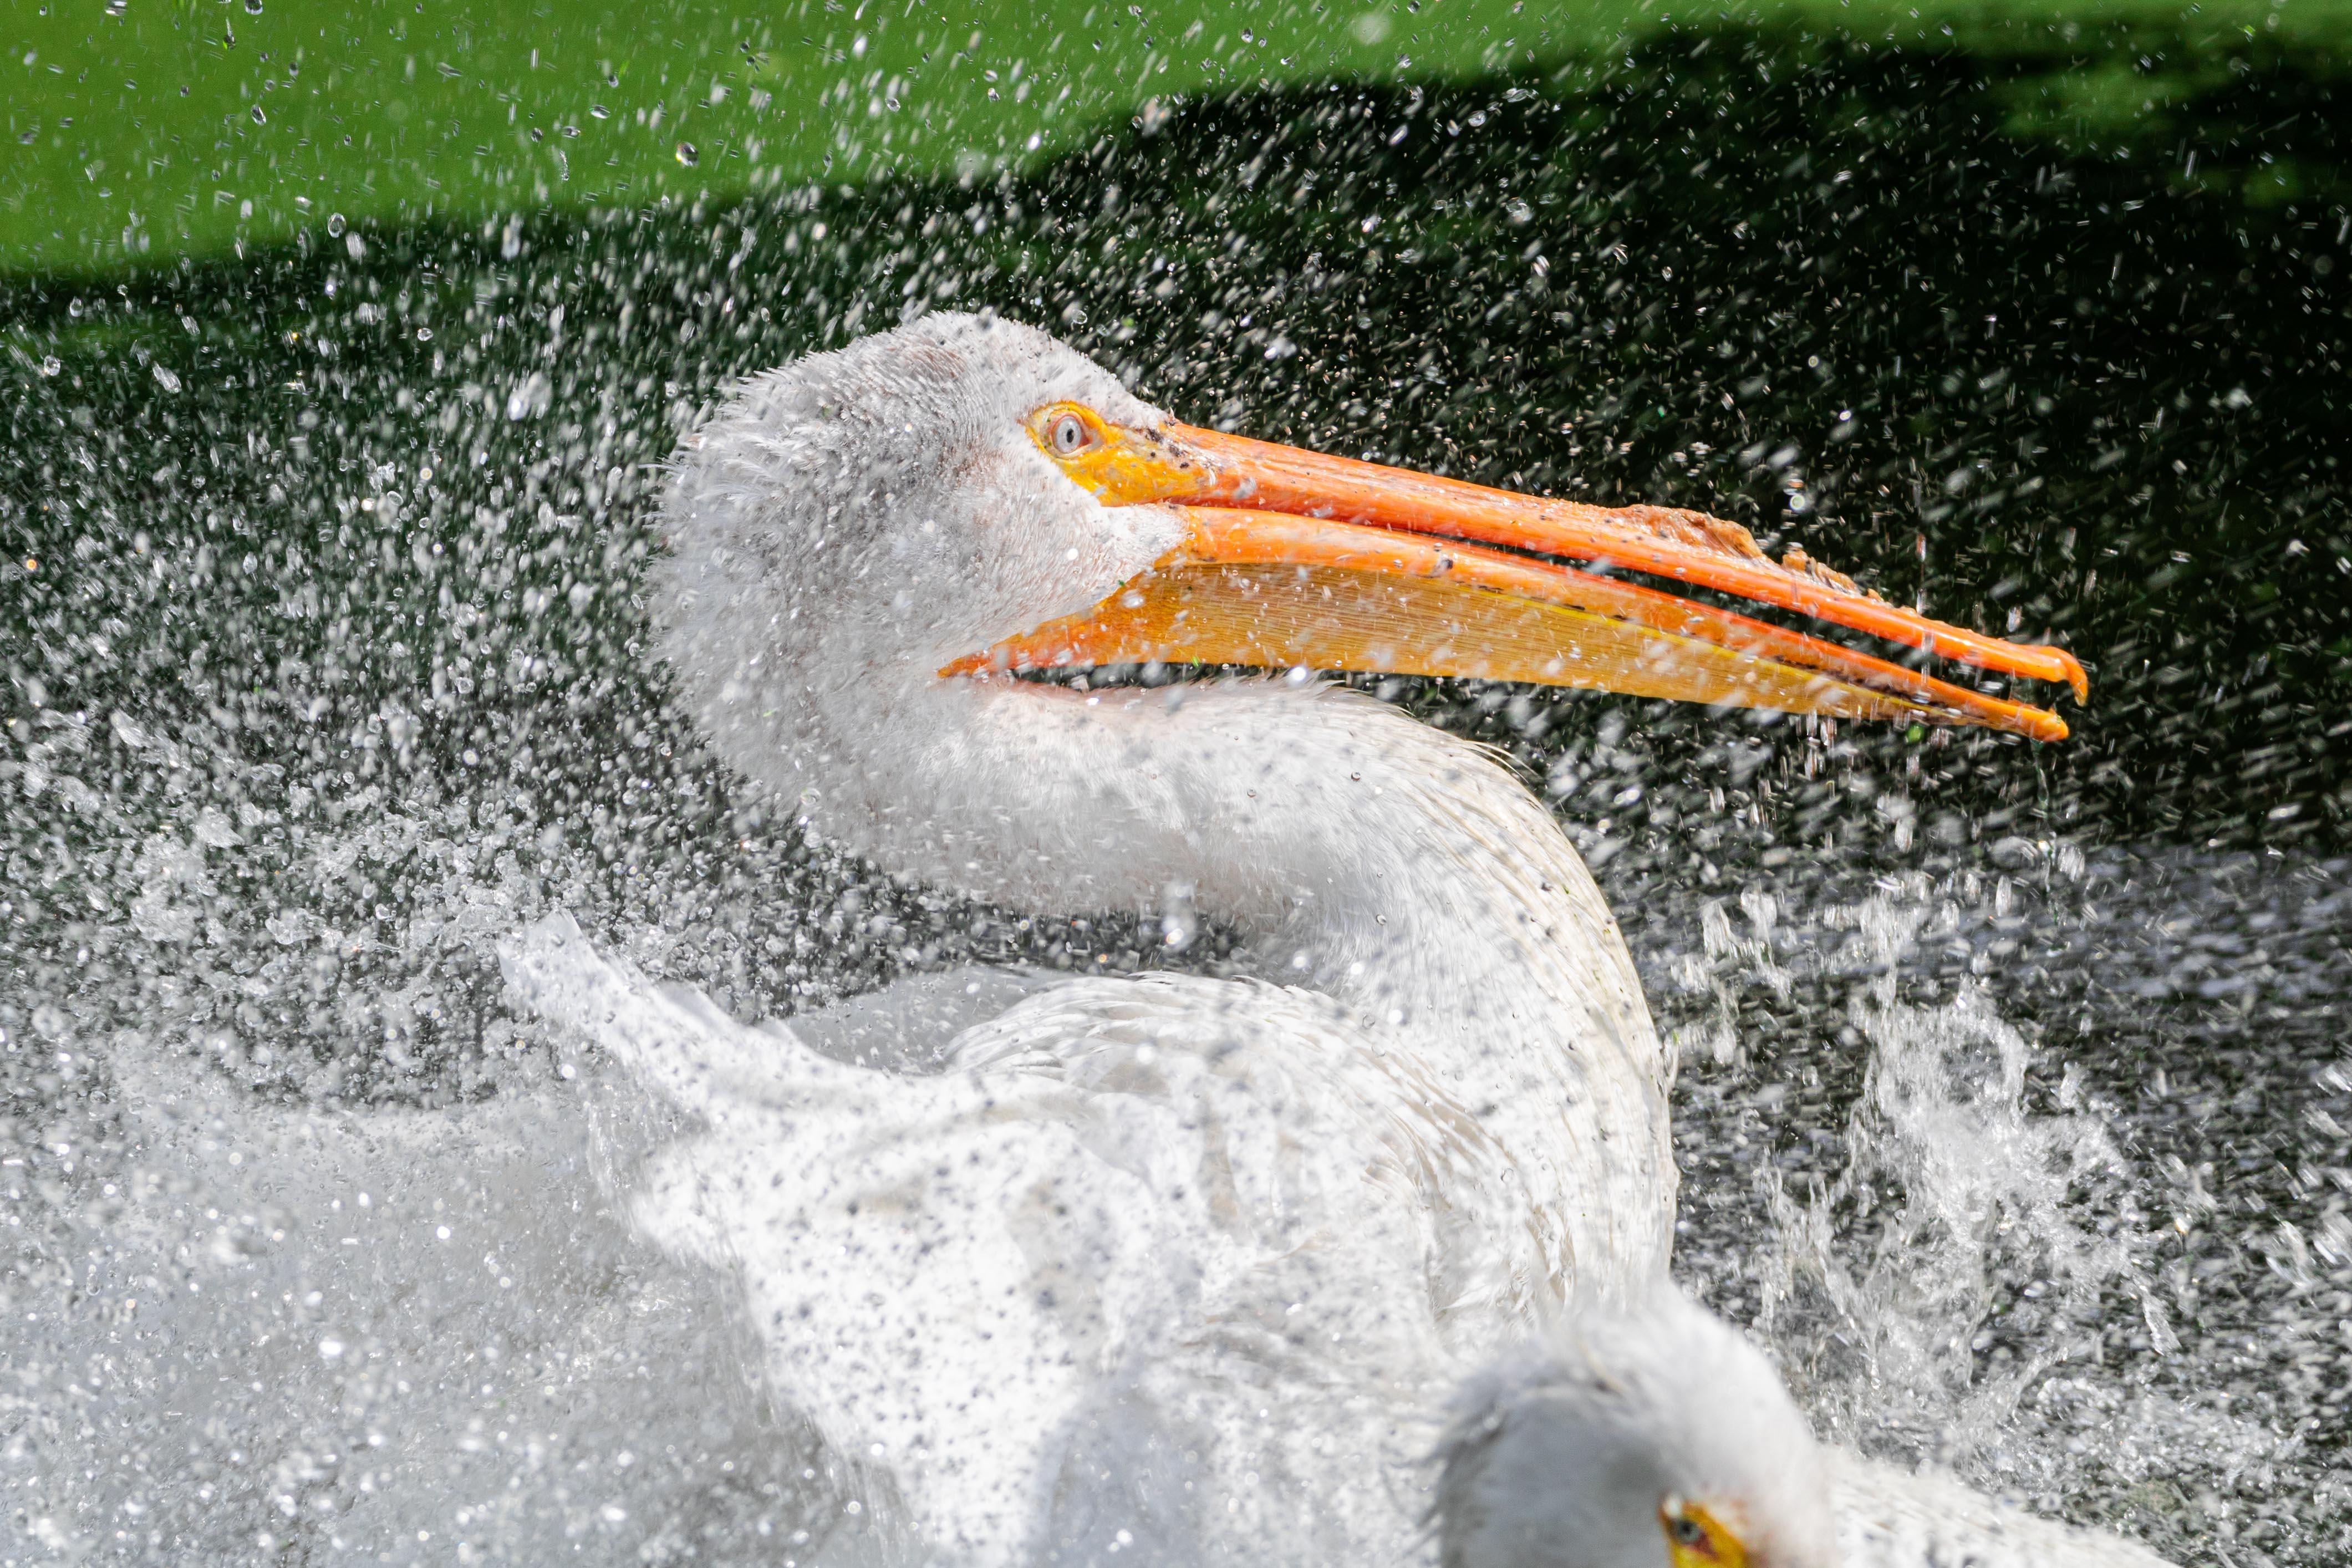 Fantastick pelican